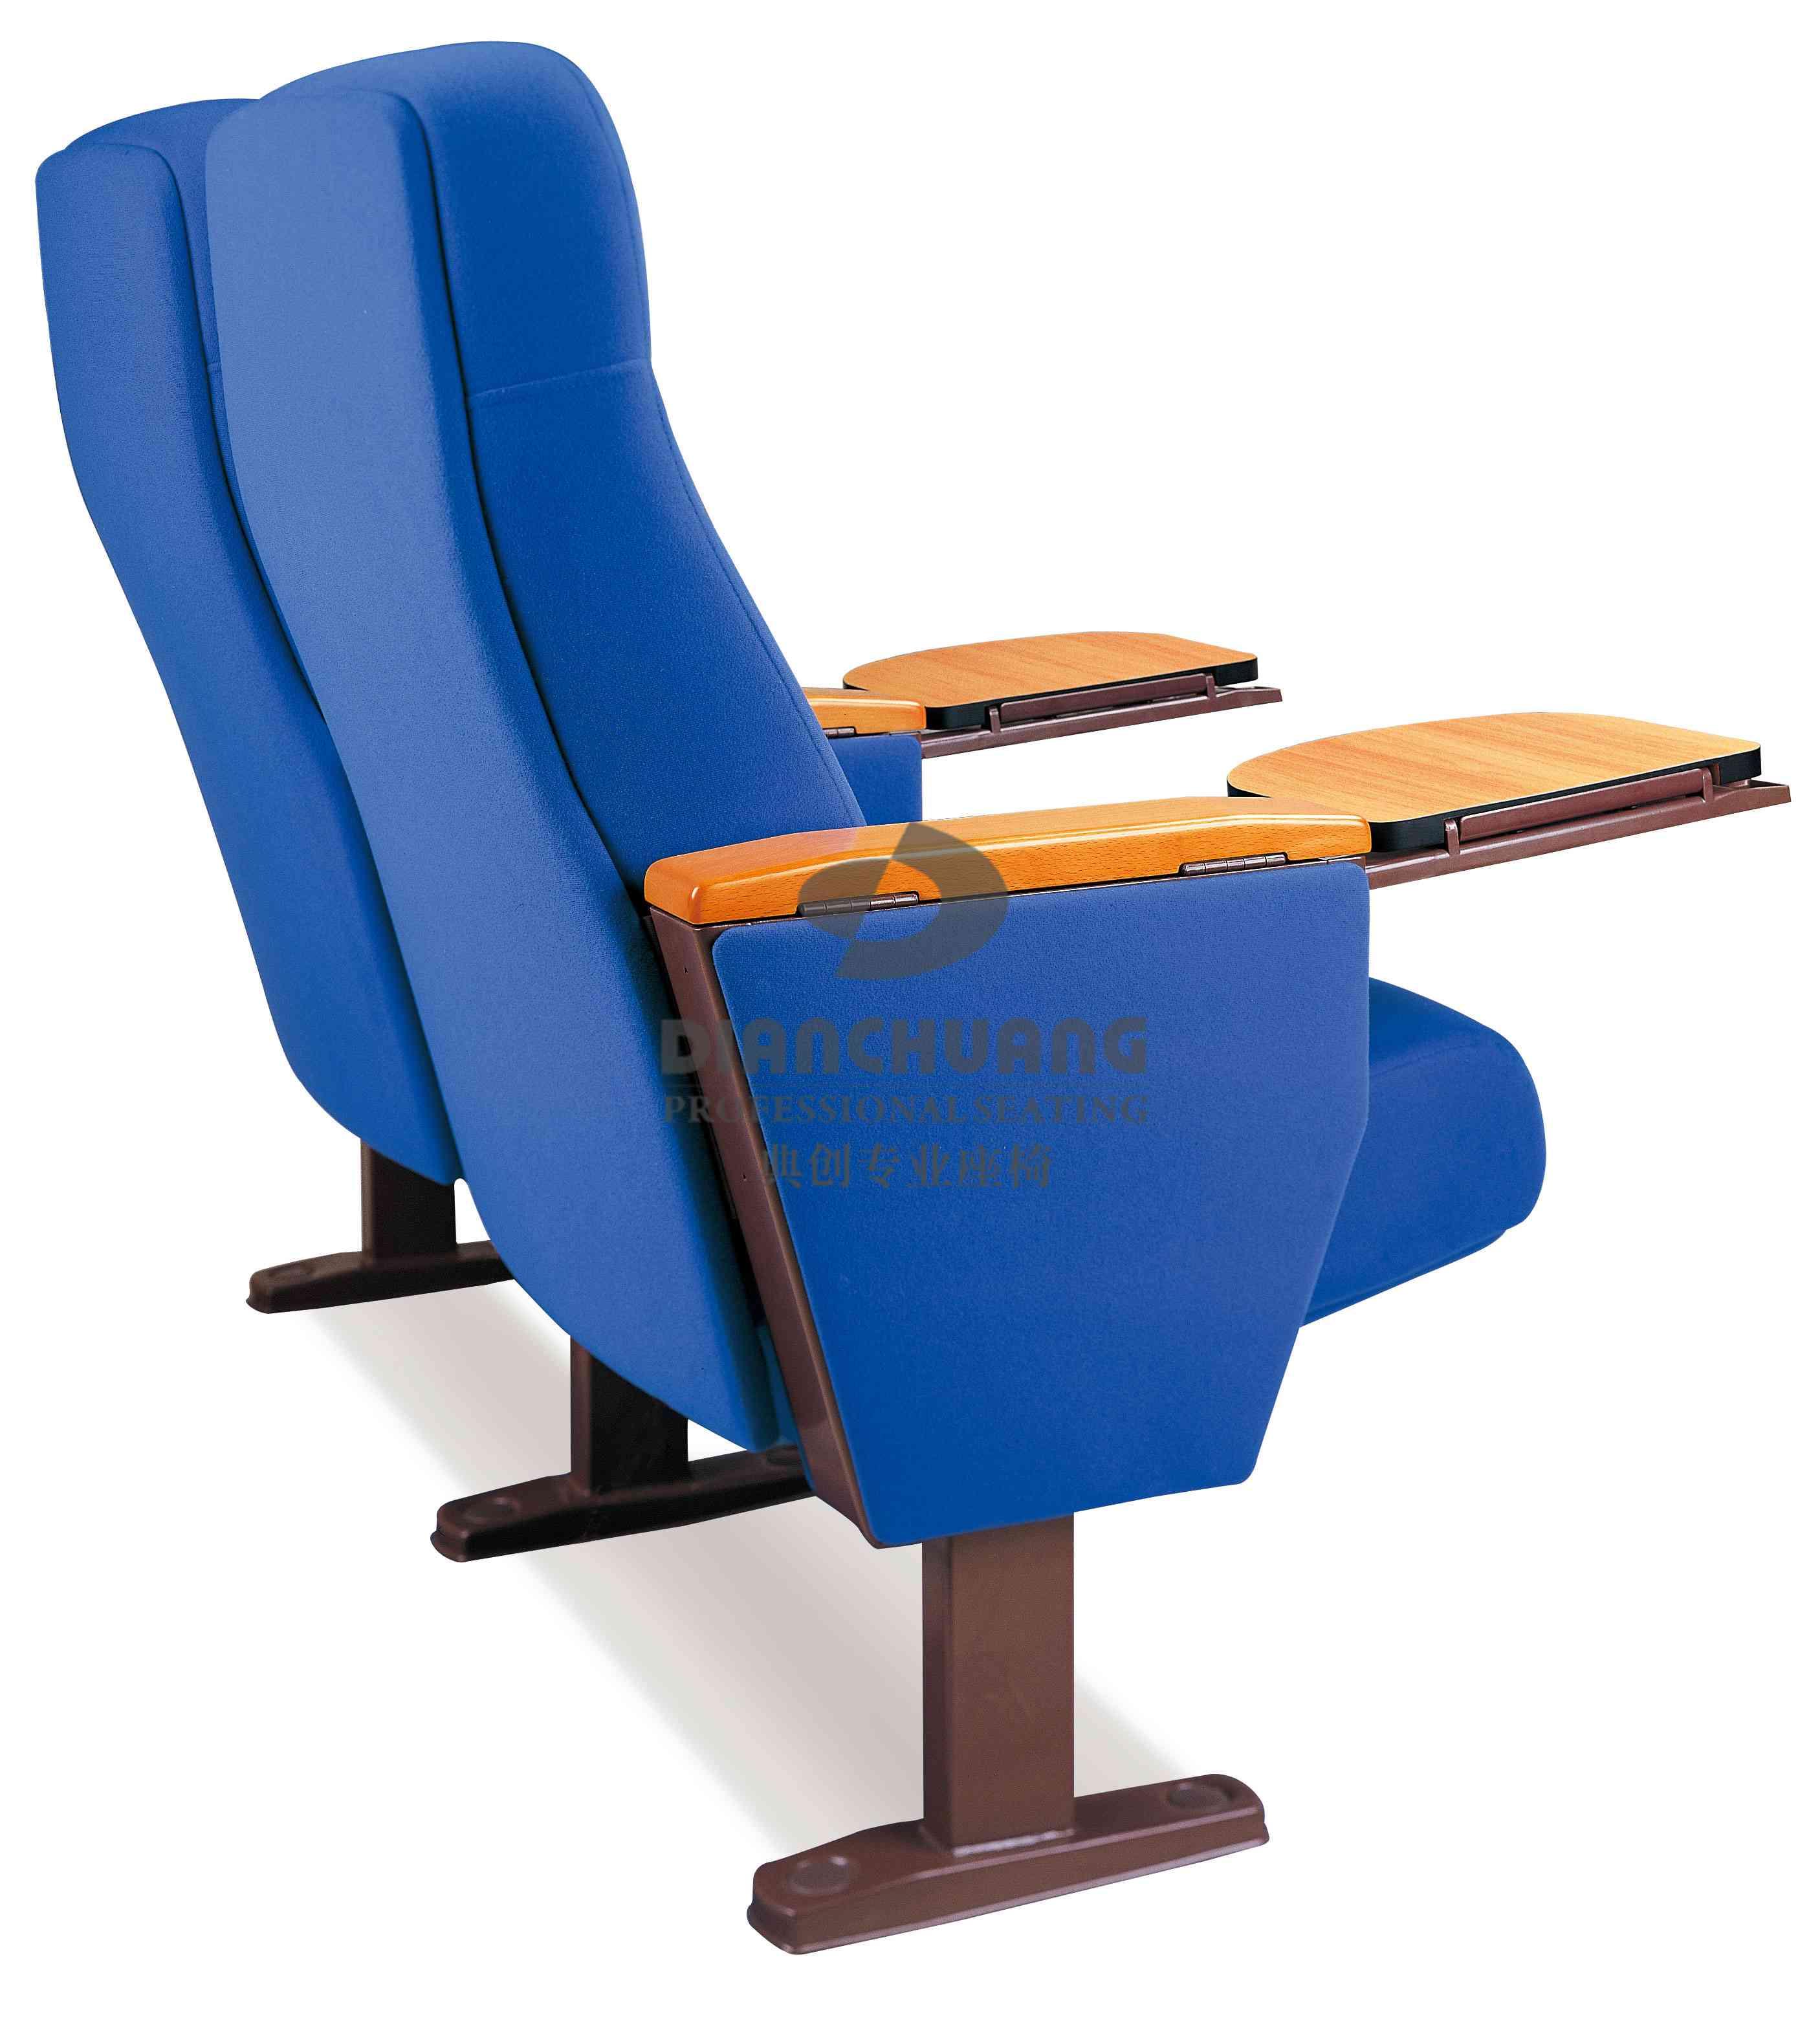 深蓝色双排带写字板礼堂座位椅-5043R